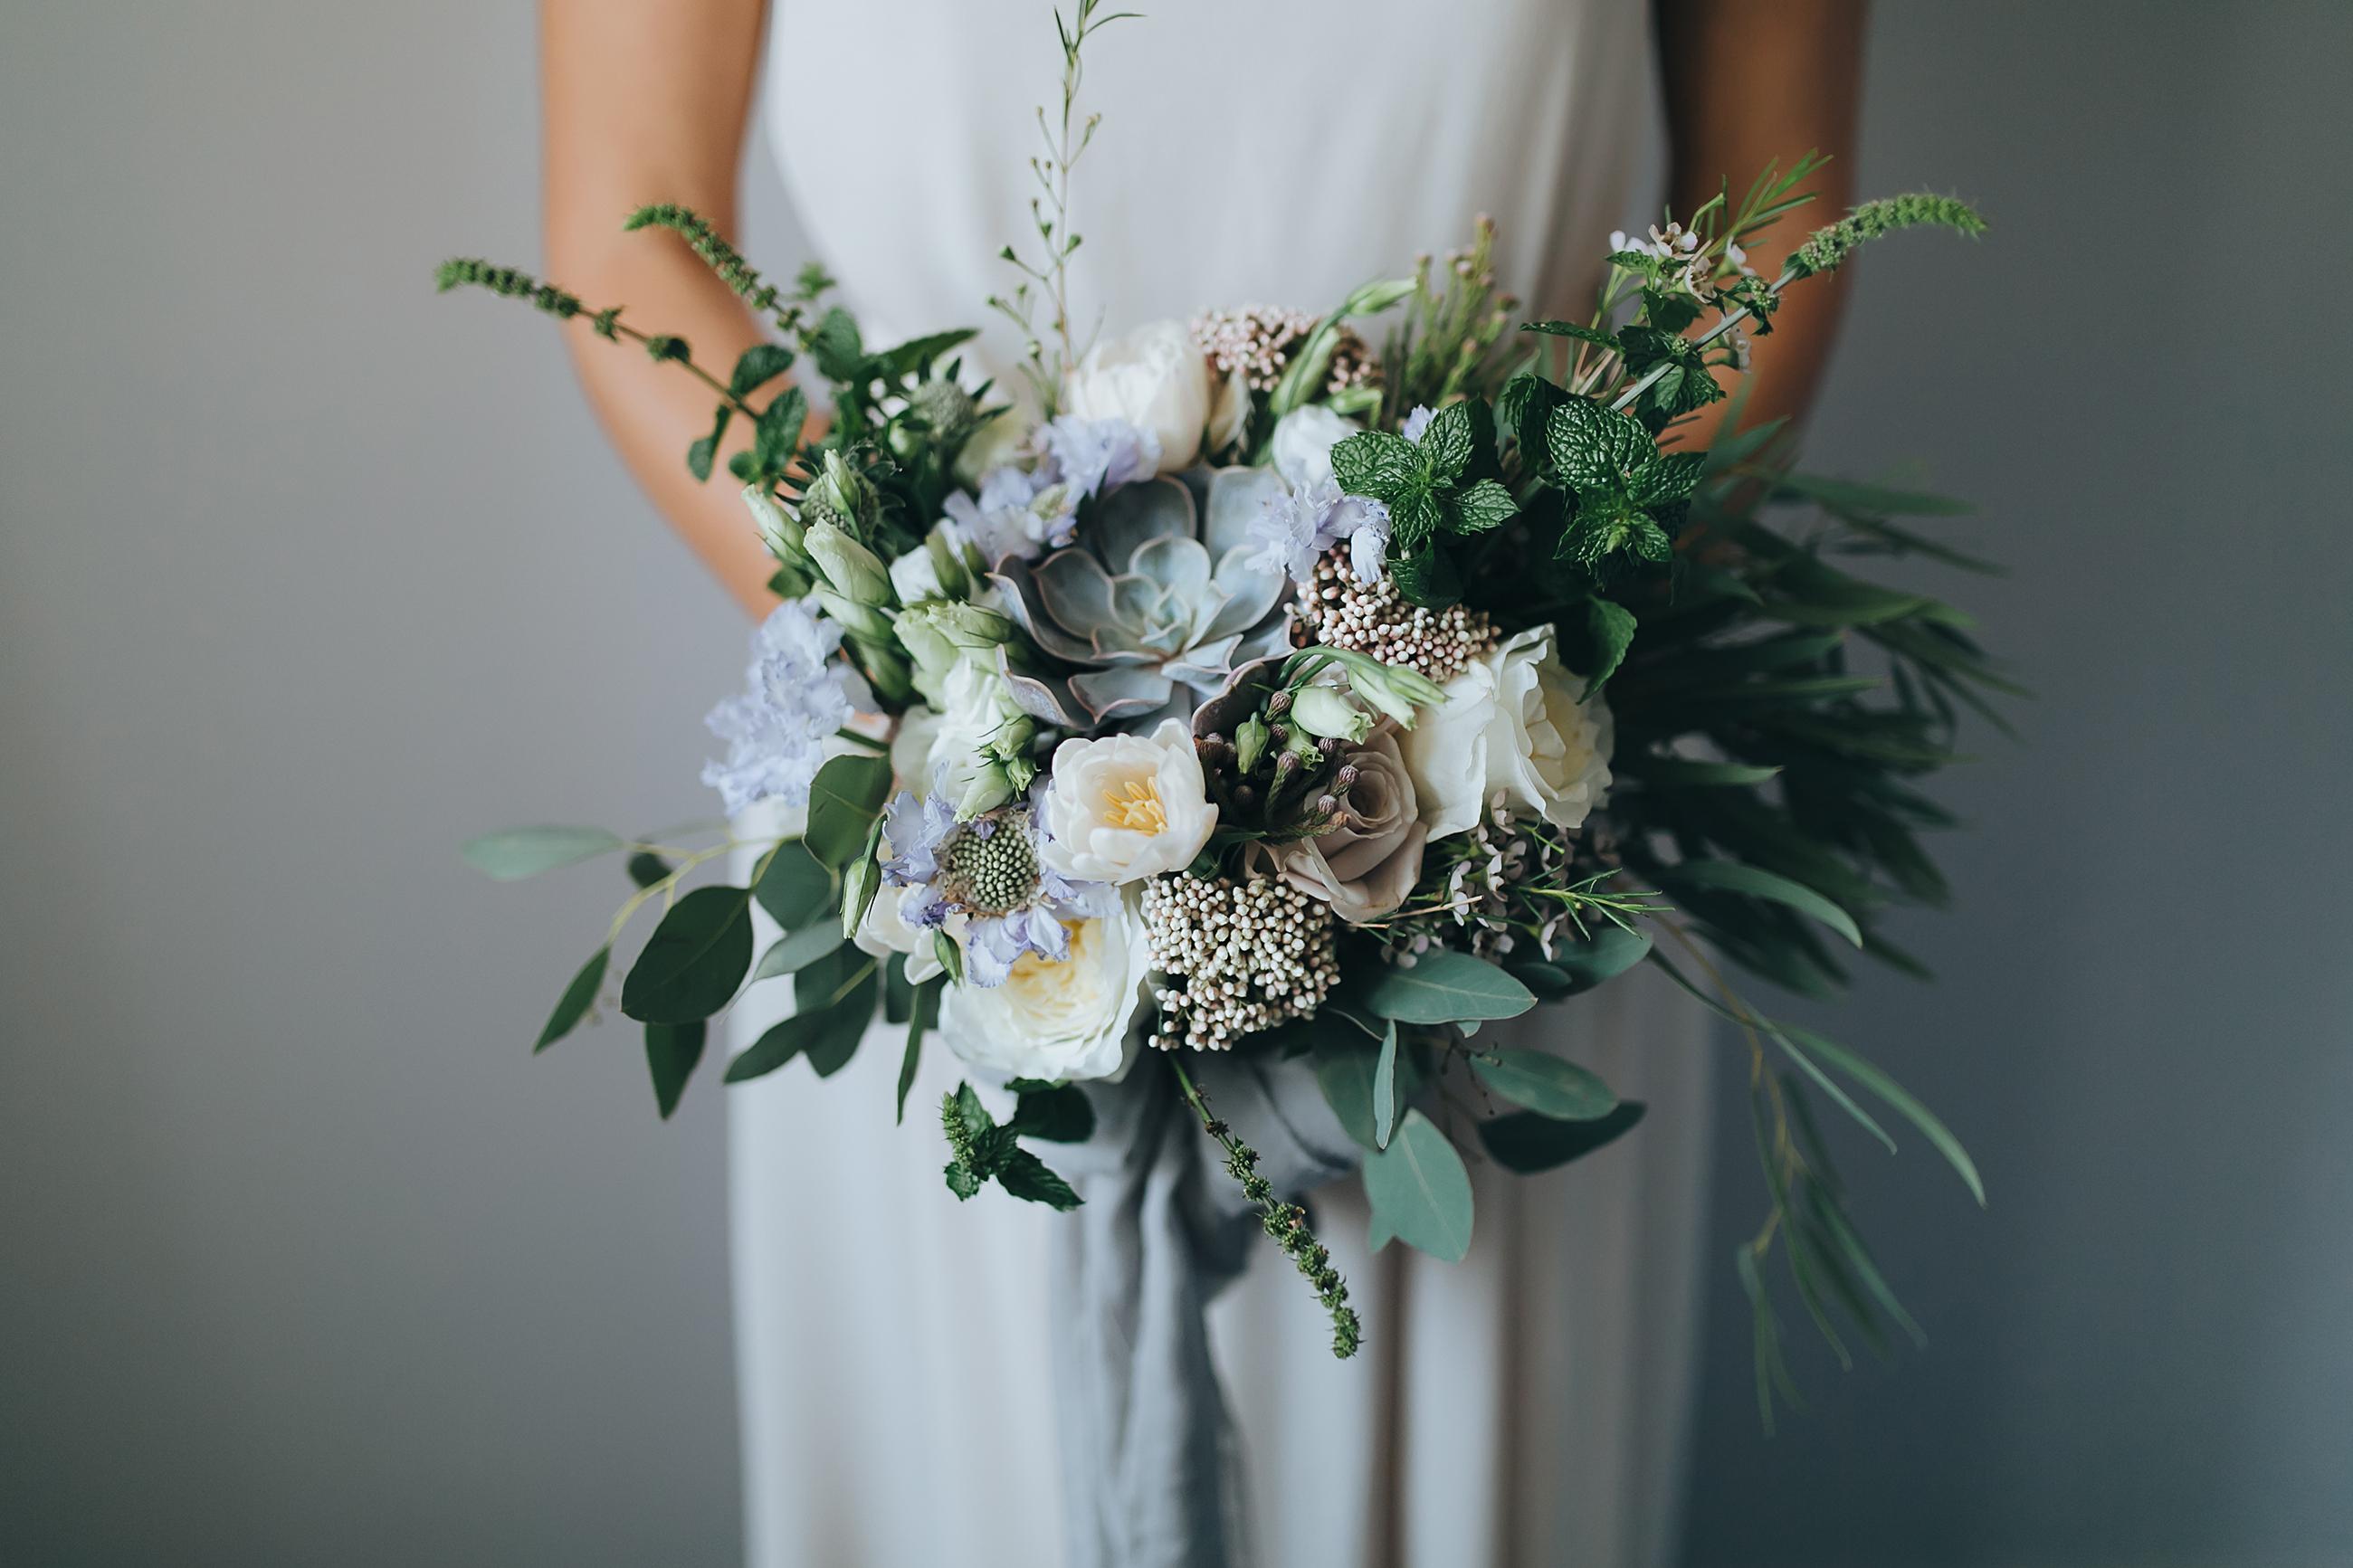 rustic wedding ideas | rustic | wedding | ideas | wedding ideas | wedding themes | rustic wedding | rustic wedding theme